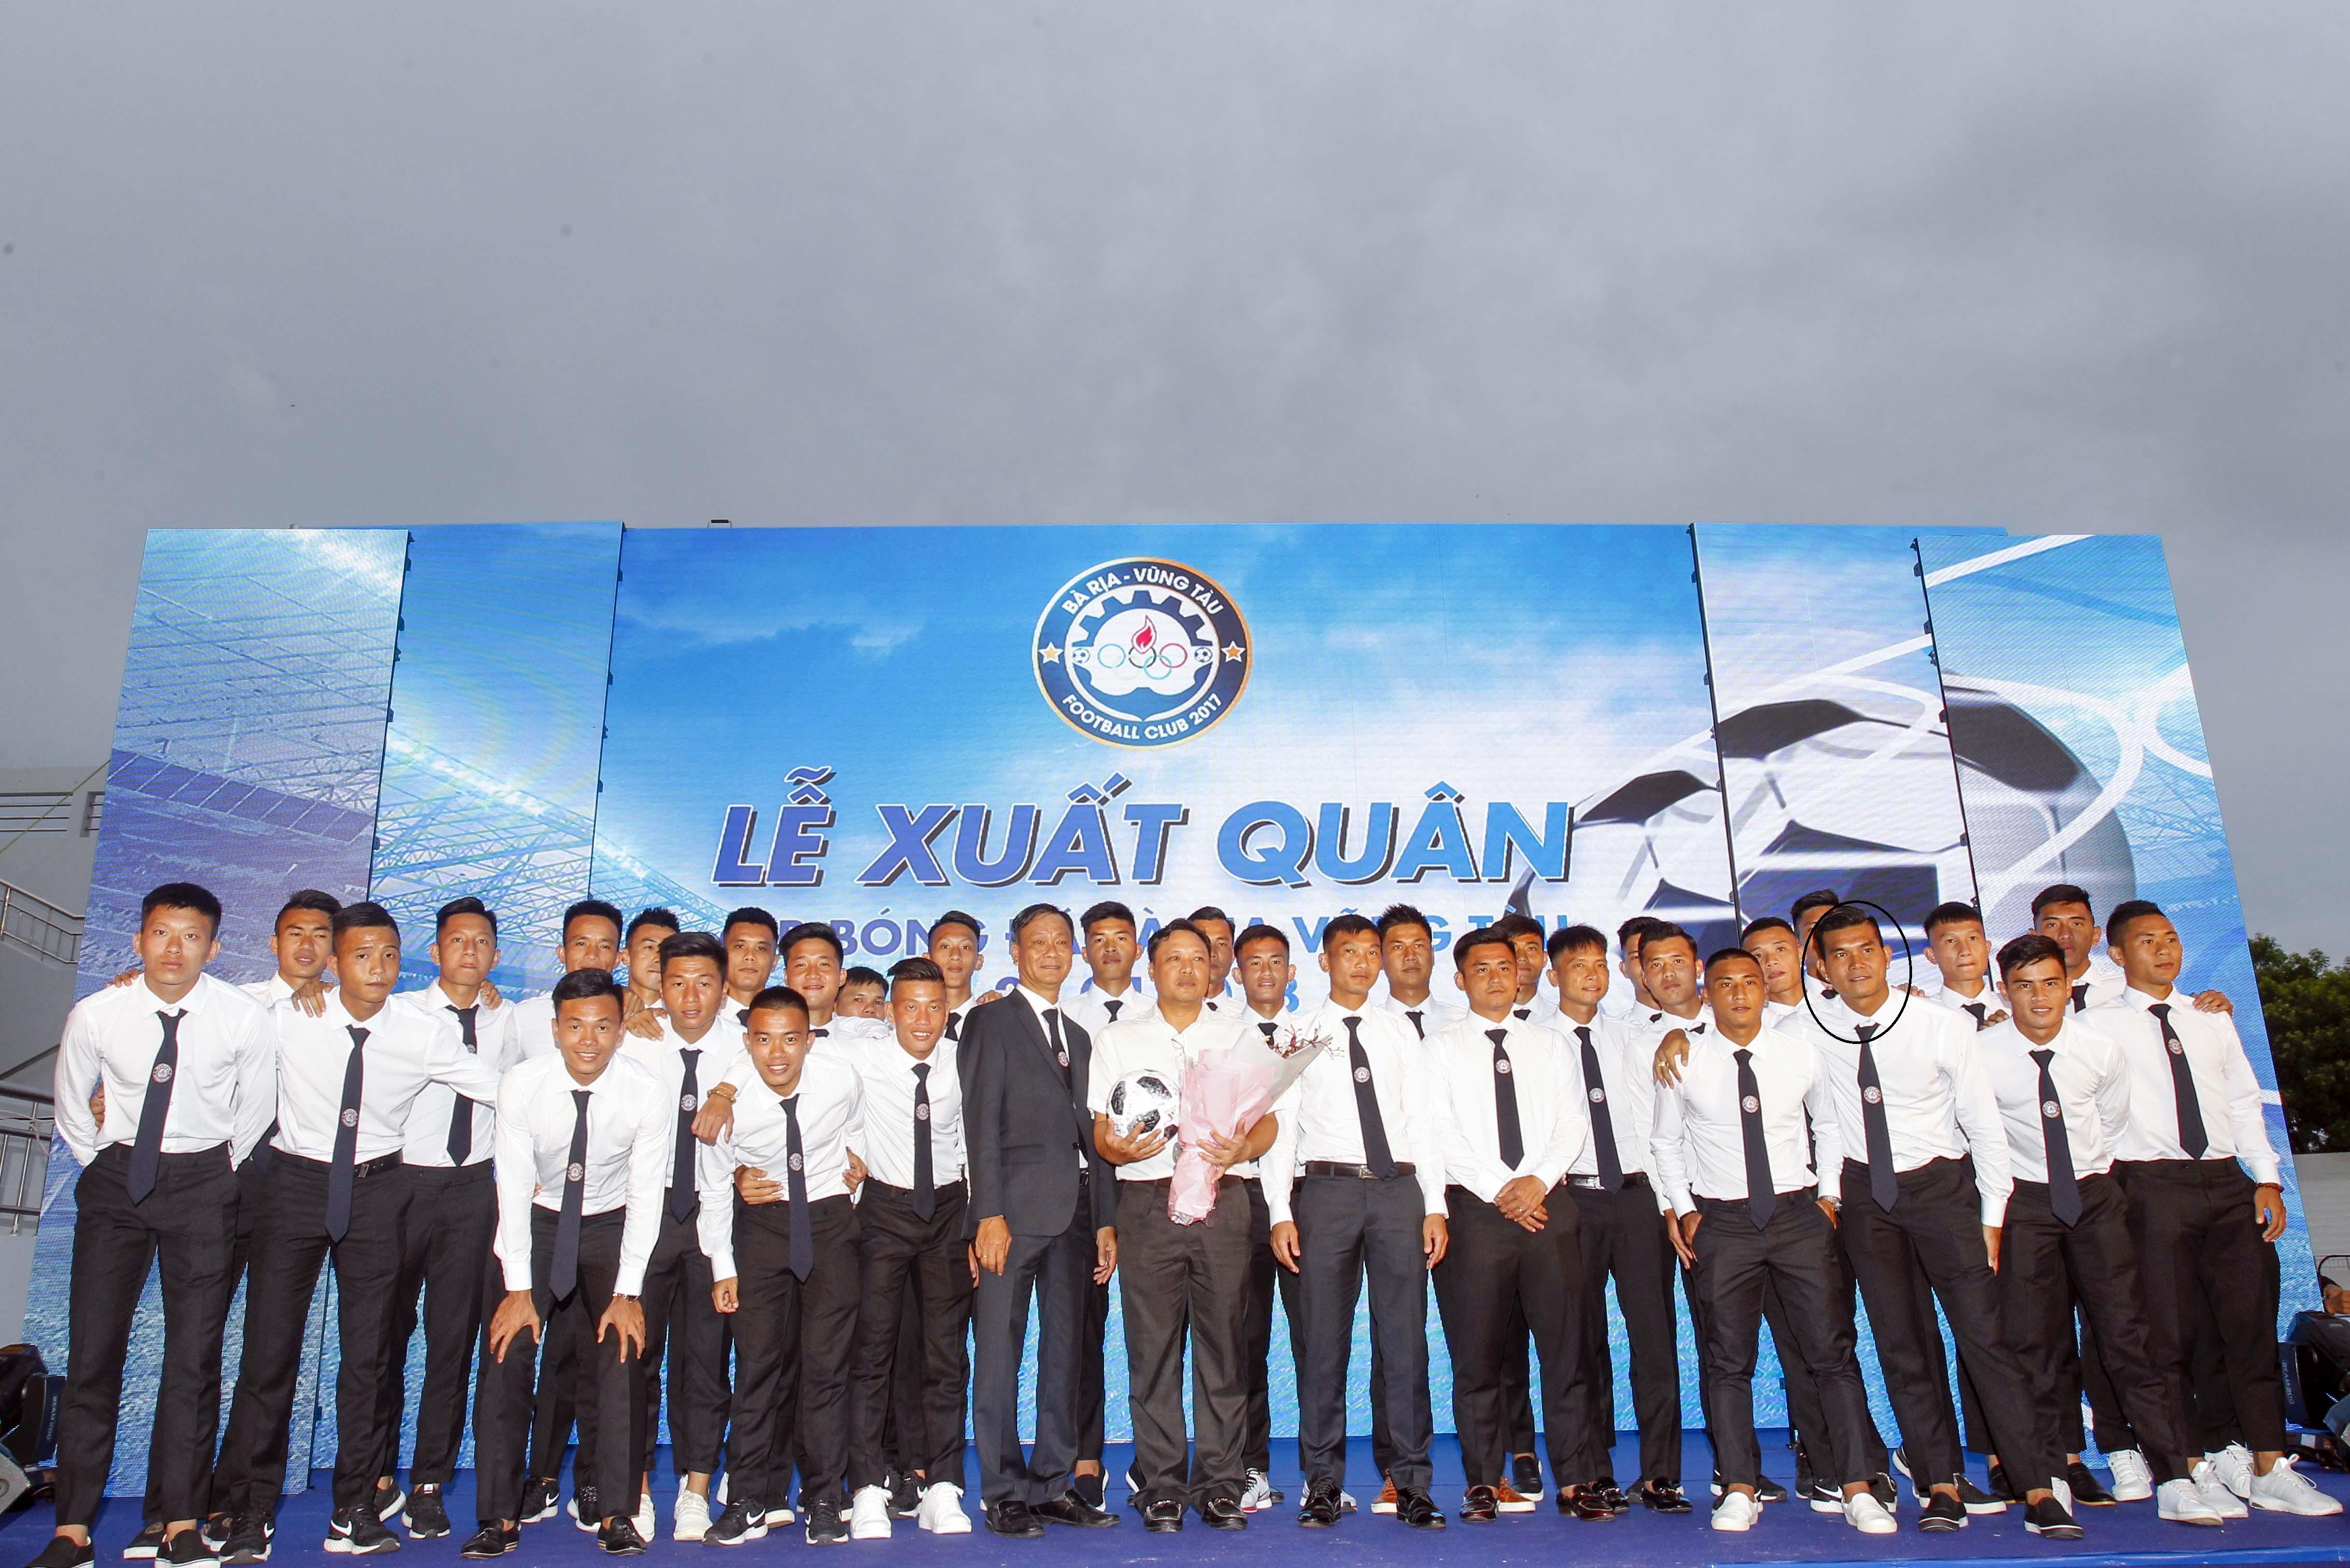 Chân dung cầu thủ Vũng Tàu rượt đánh trọng tài ở giải hạng nhì - Bóng Đá